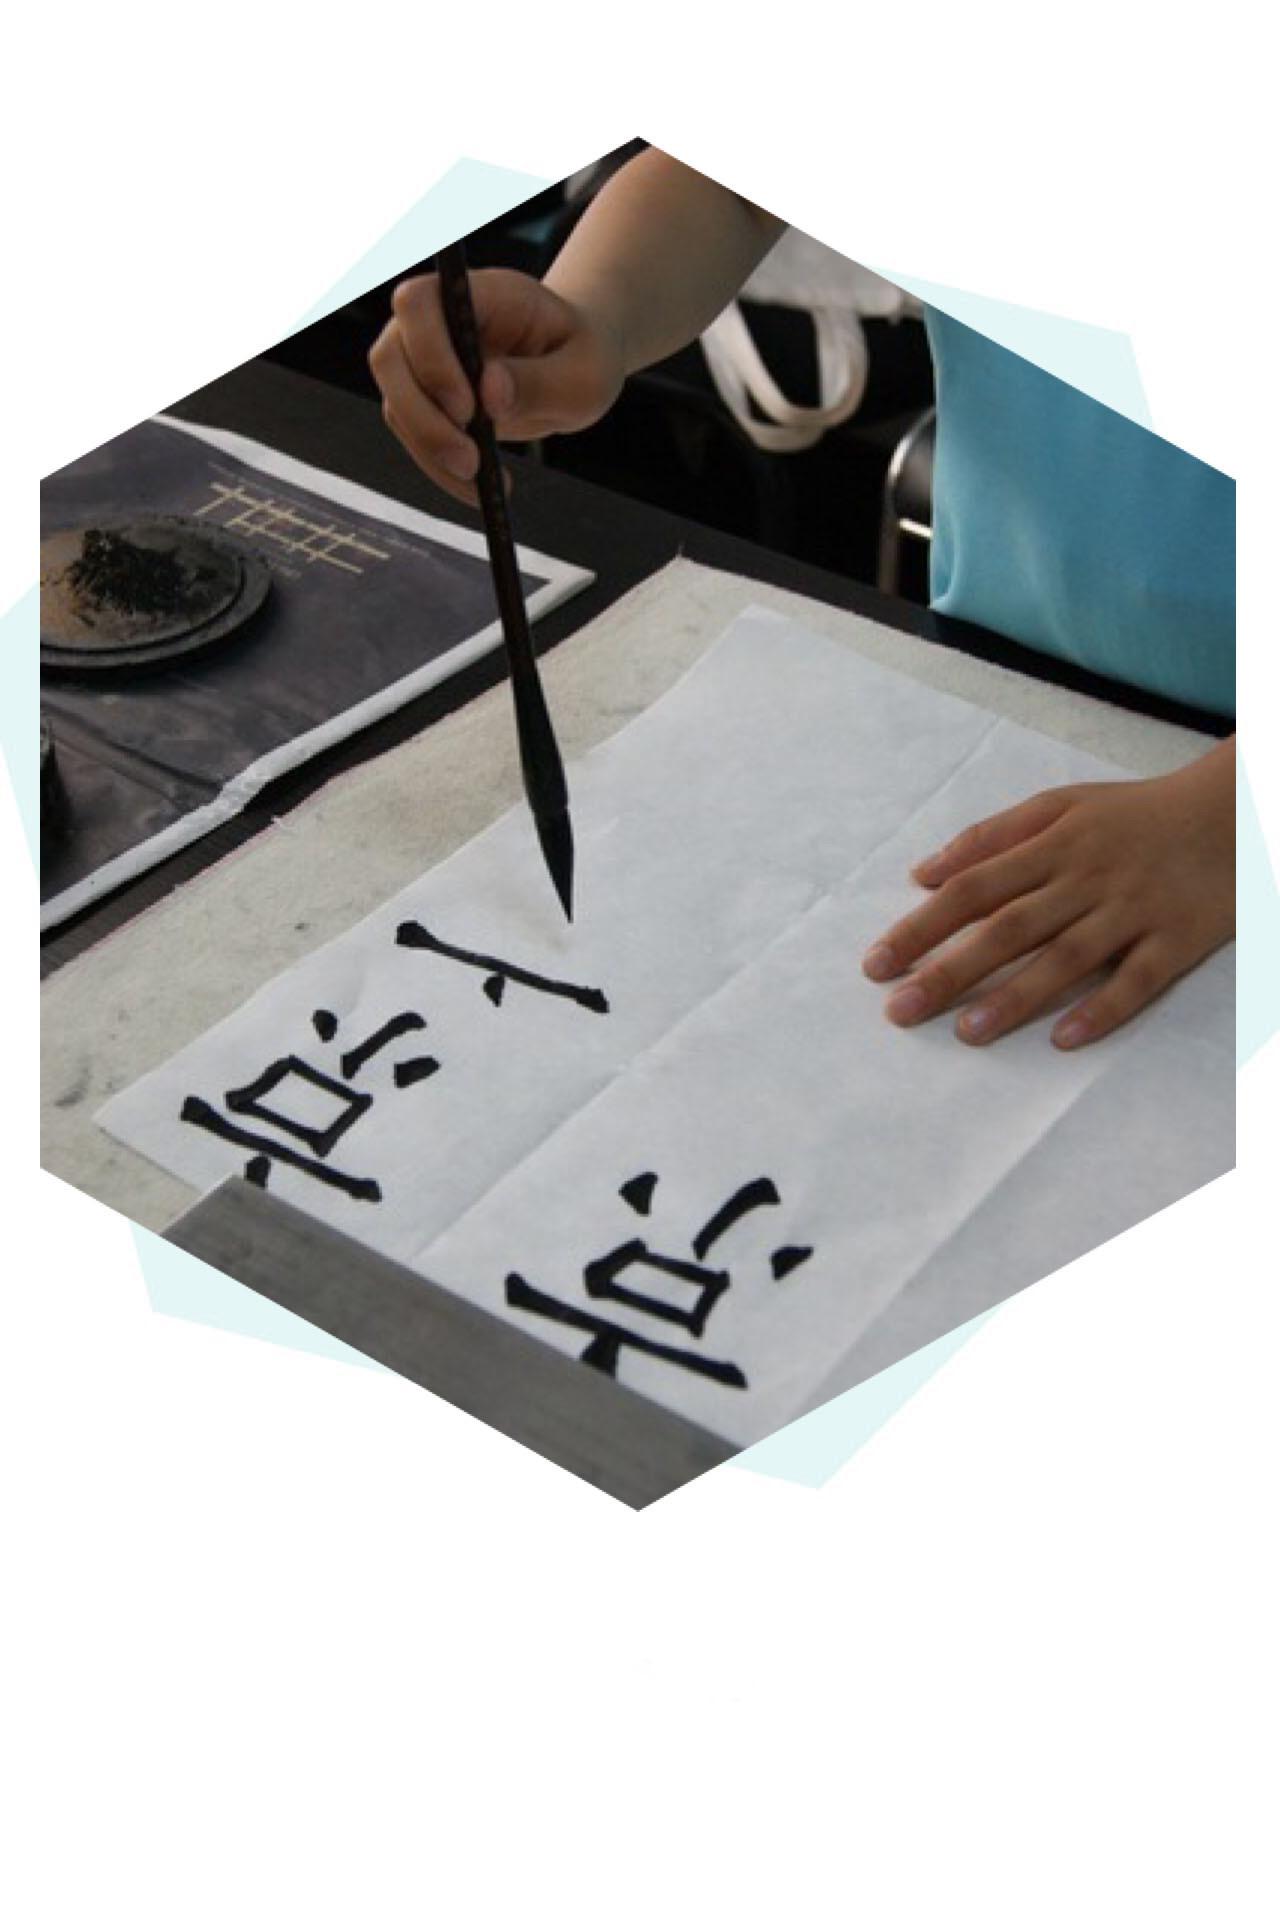 【上海博艺艺术培训中心】单人软硬笔书法班_教育培训>>兴趣课堂>>书法培训